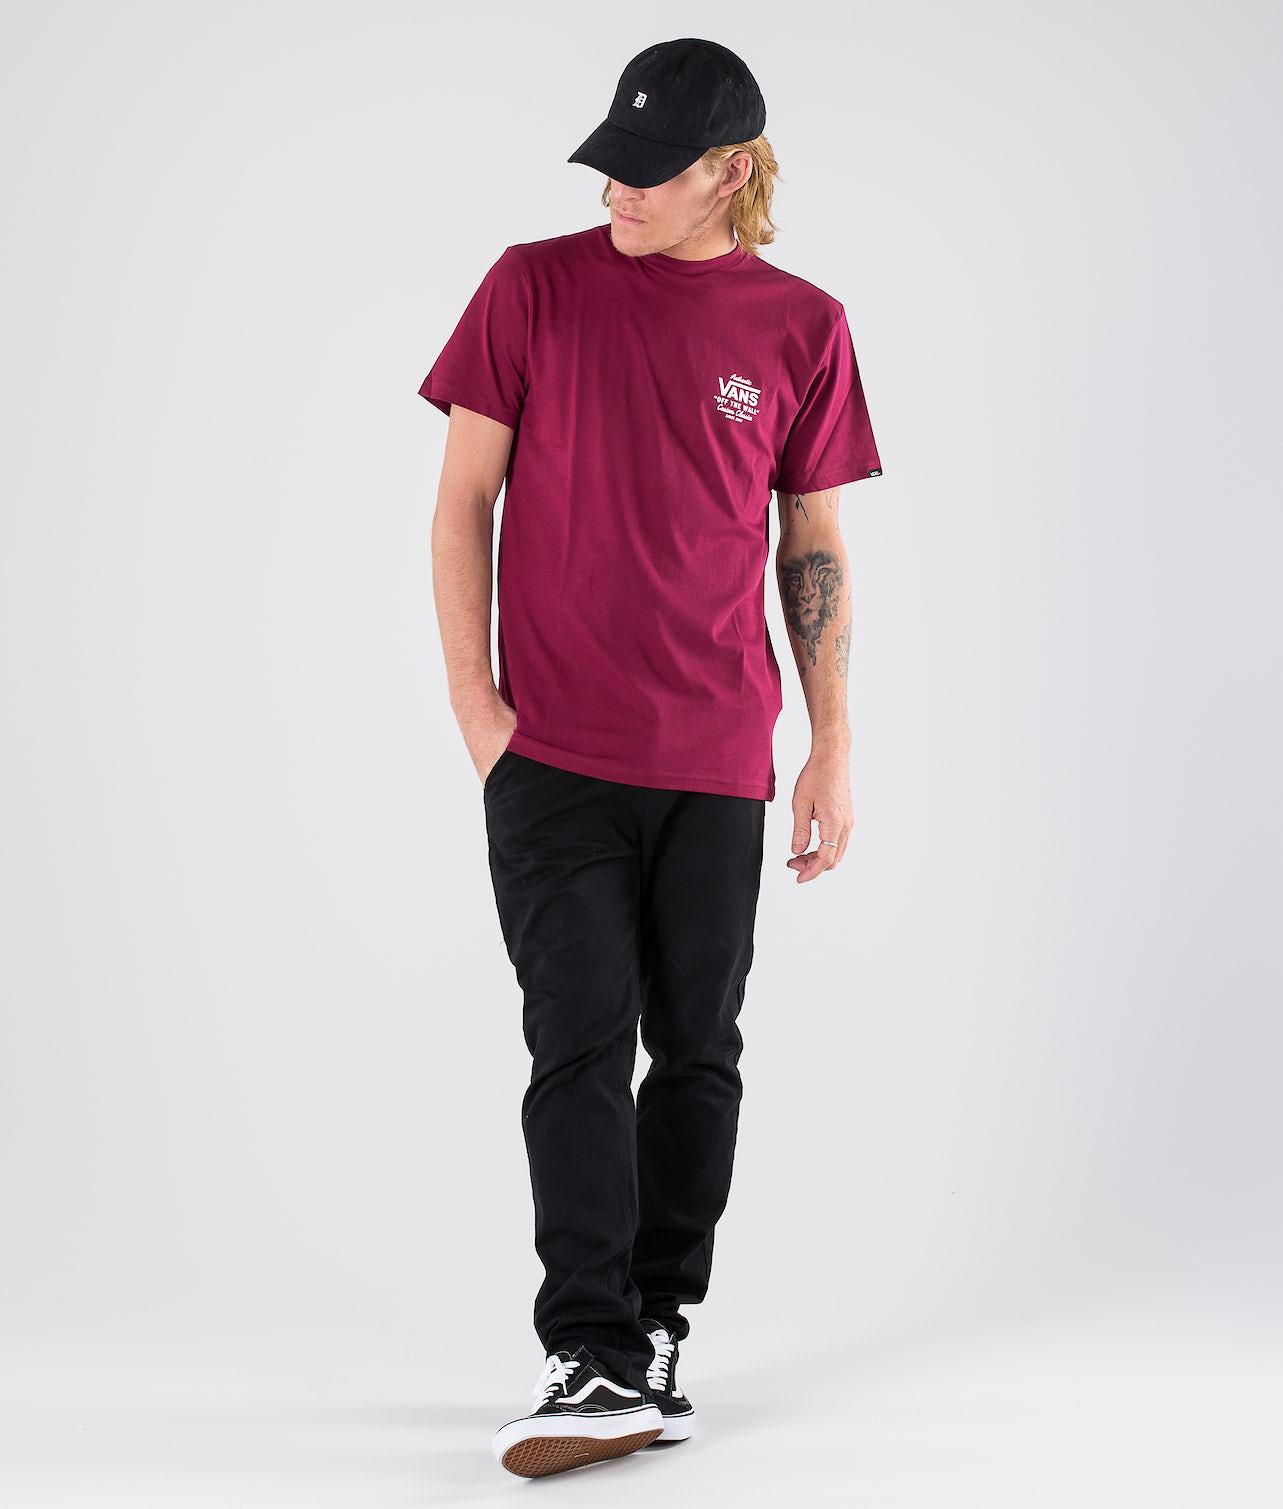 Kjøp Holder Street II T-shirt fra Vans på Ridestore.no - Hos oss har du alltid fri frakt, fri retur og 30 dagers åpent kjøp!